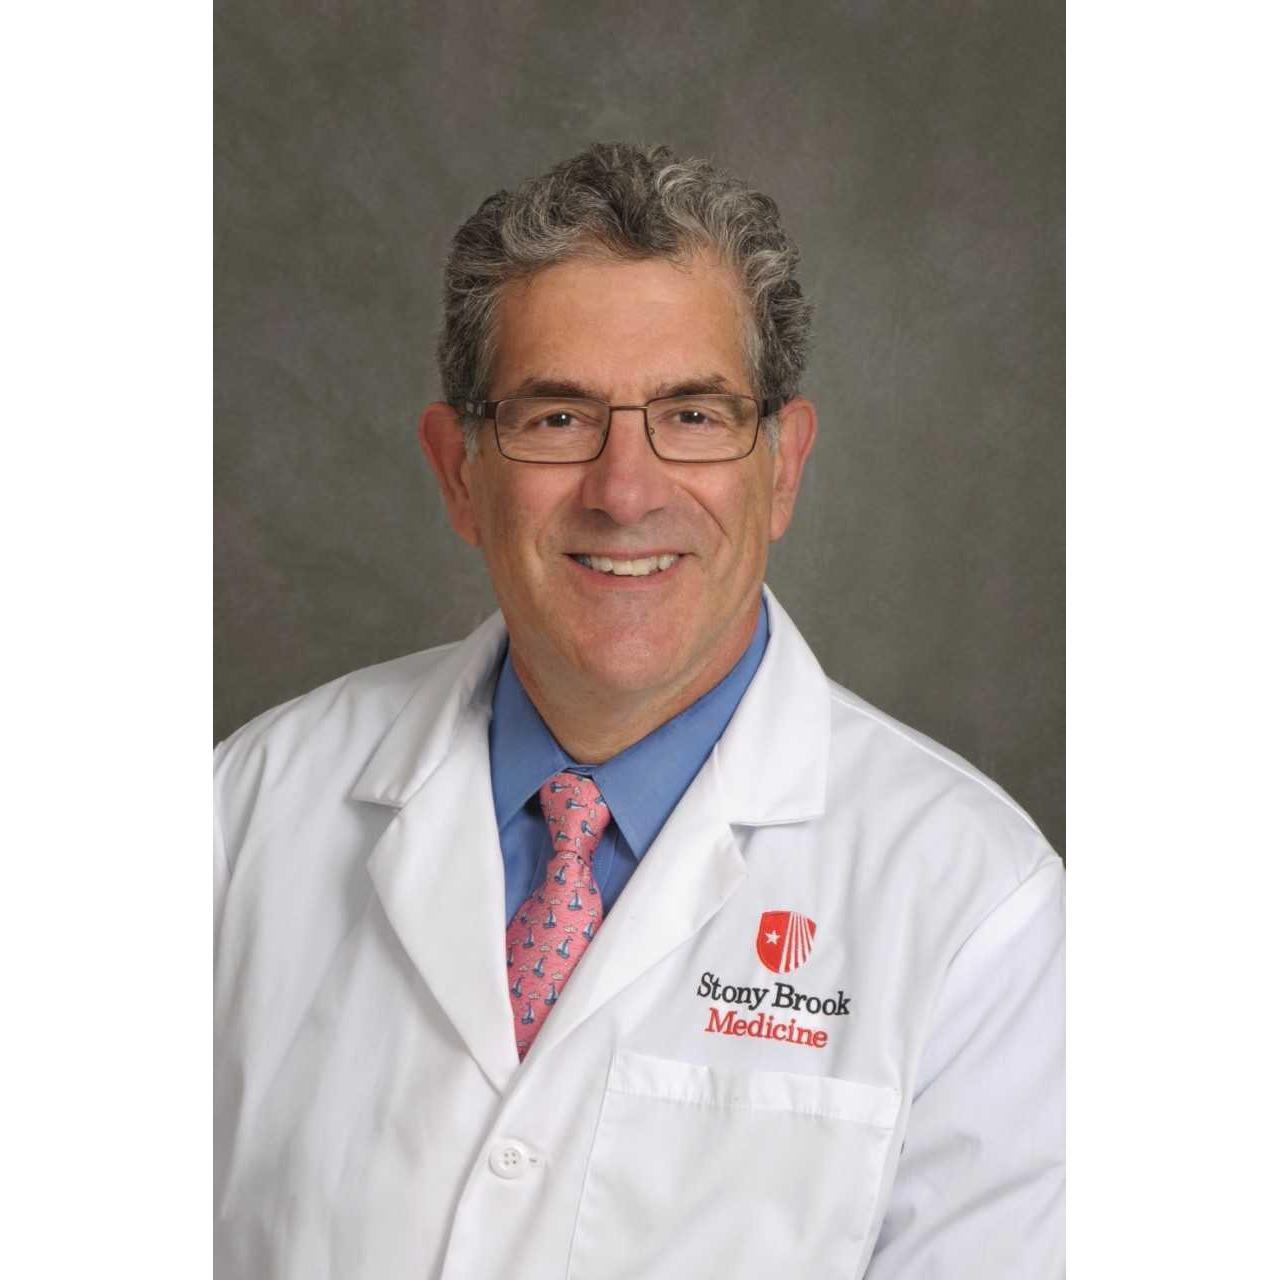 Wayne Waltzer MD